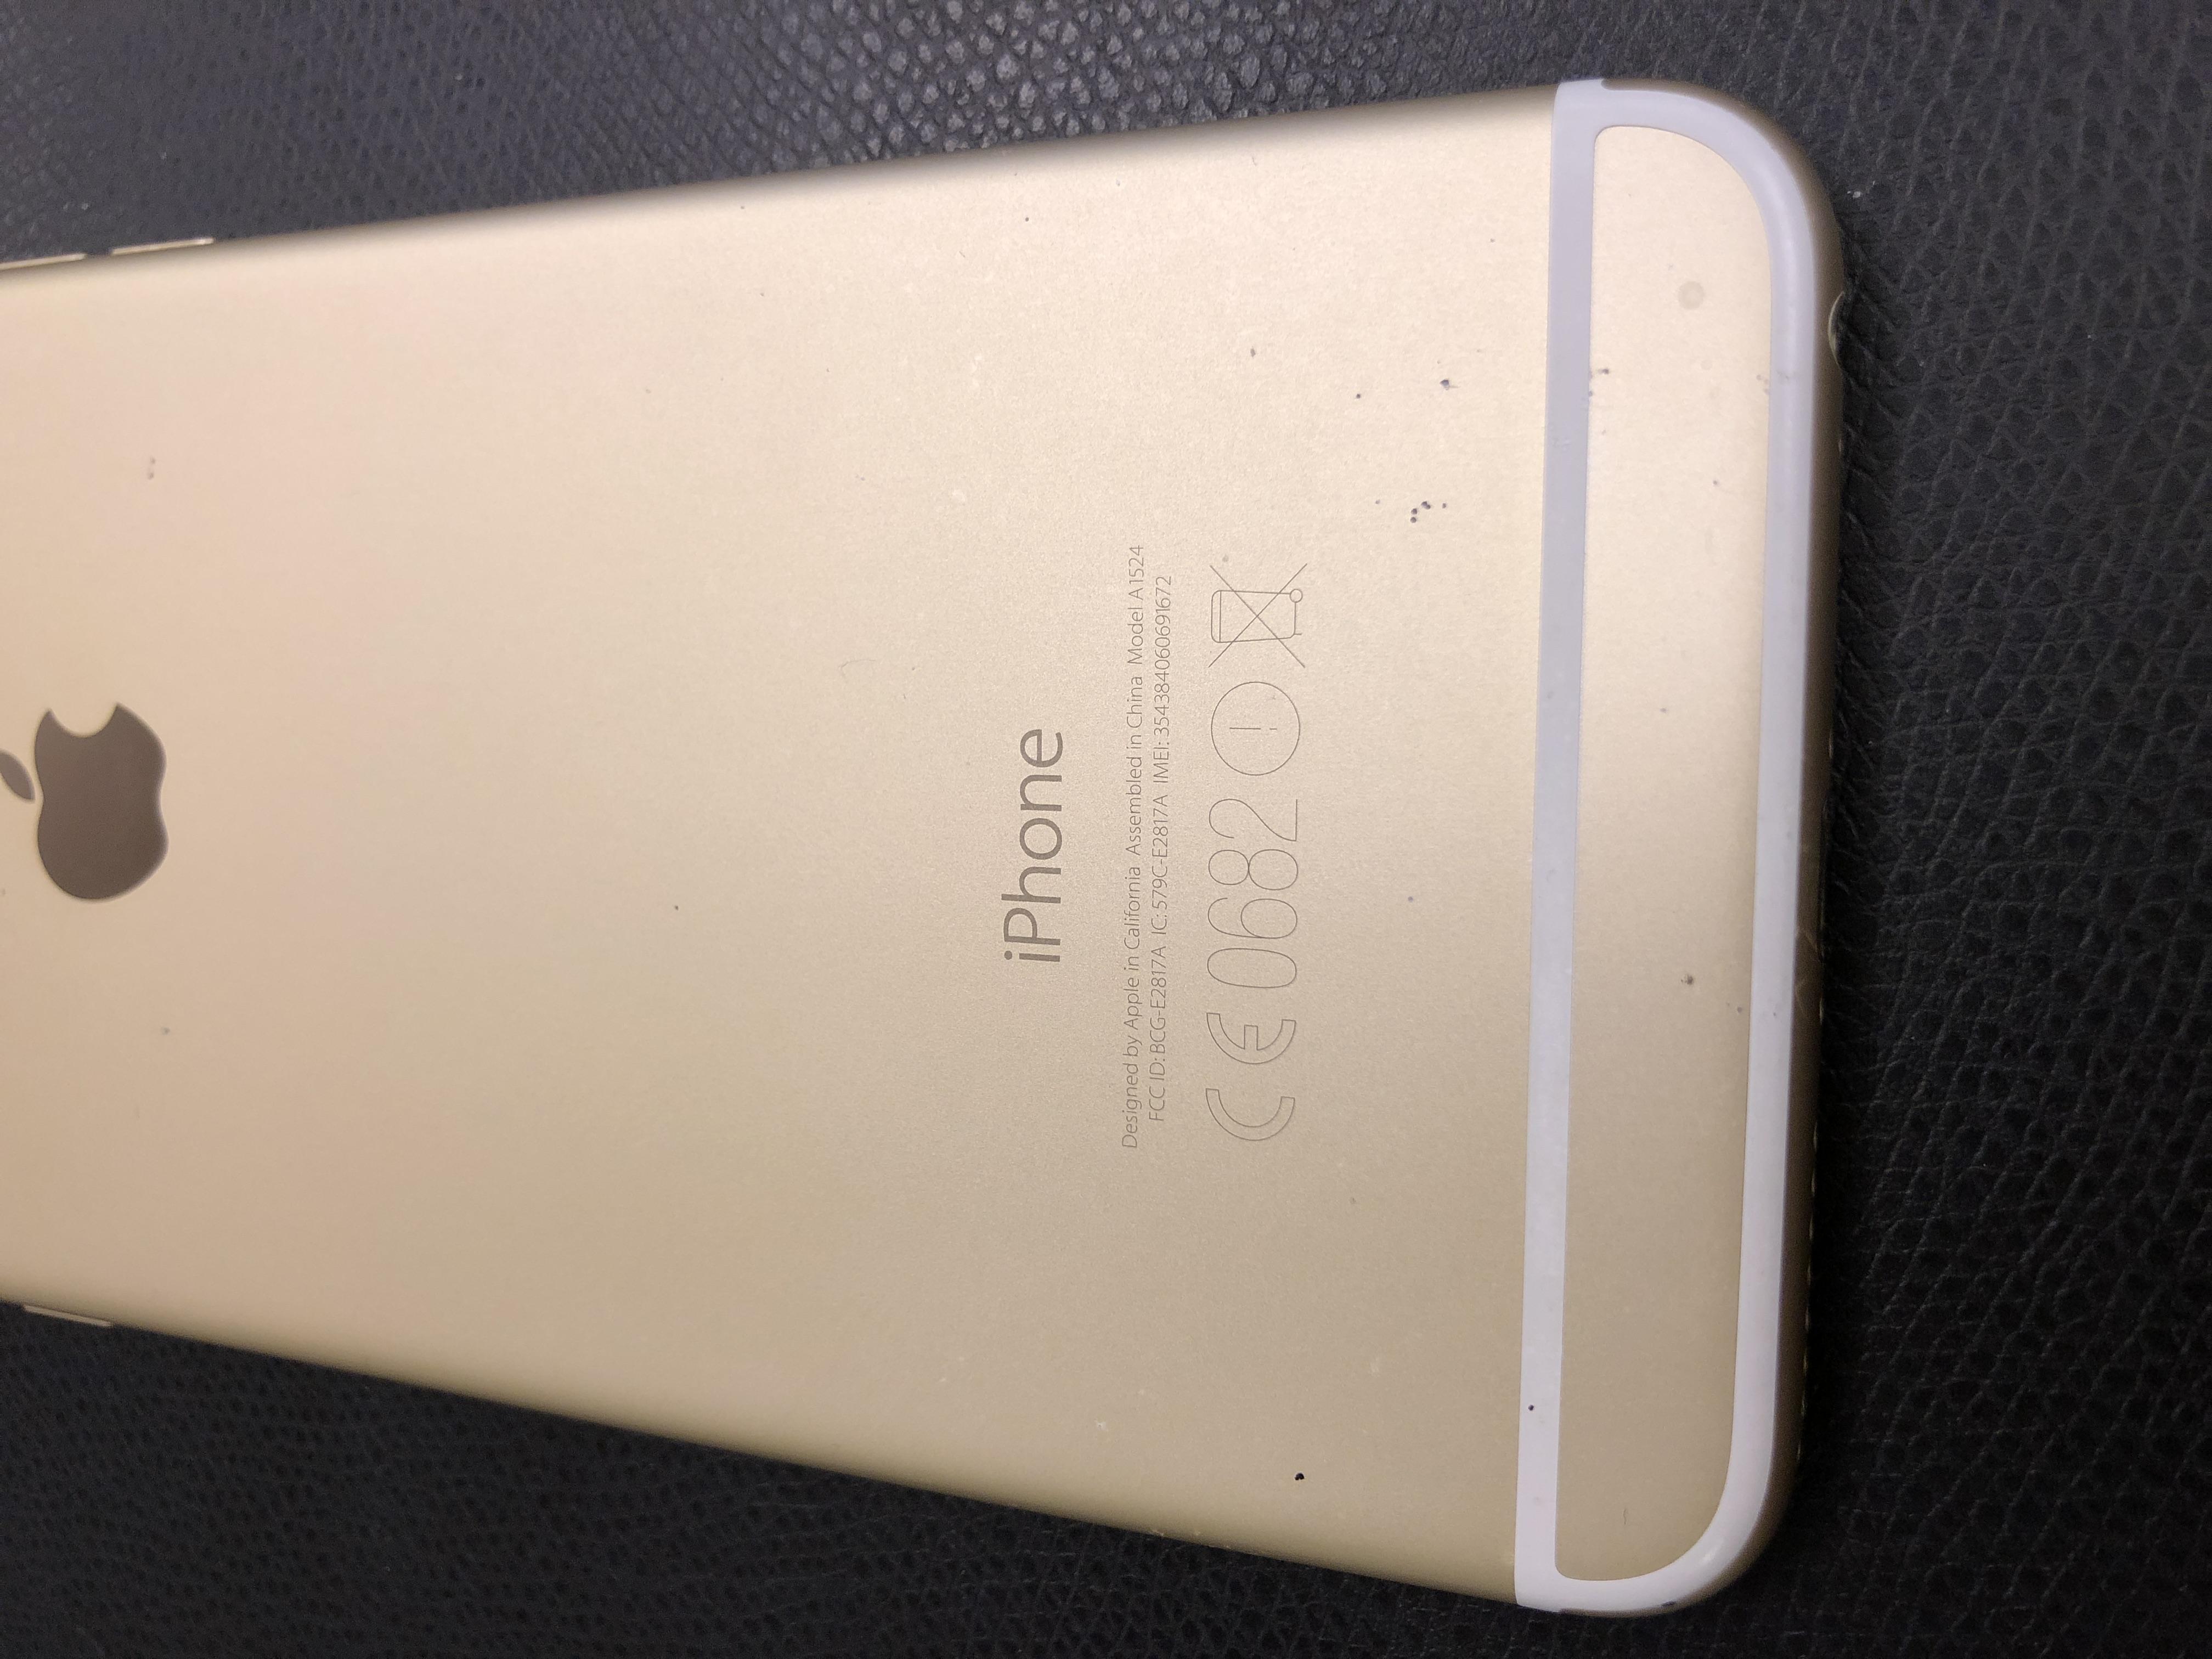 iPhone 6 Plus 16GB, 16GB, Gold, Afbeelding 3